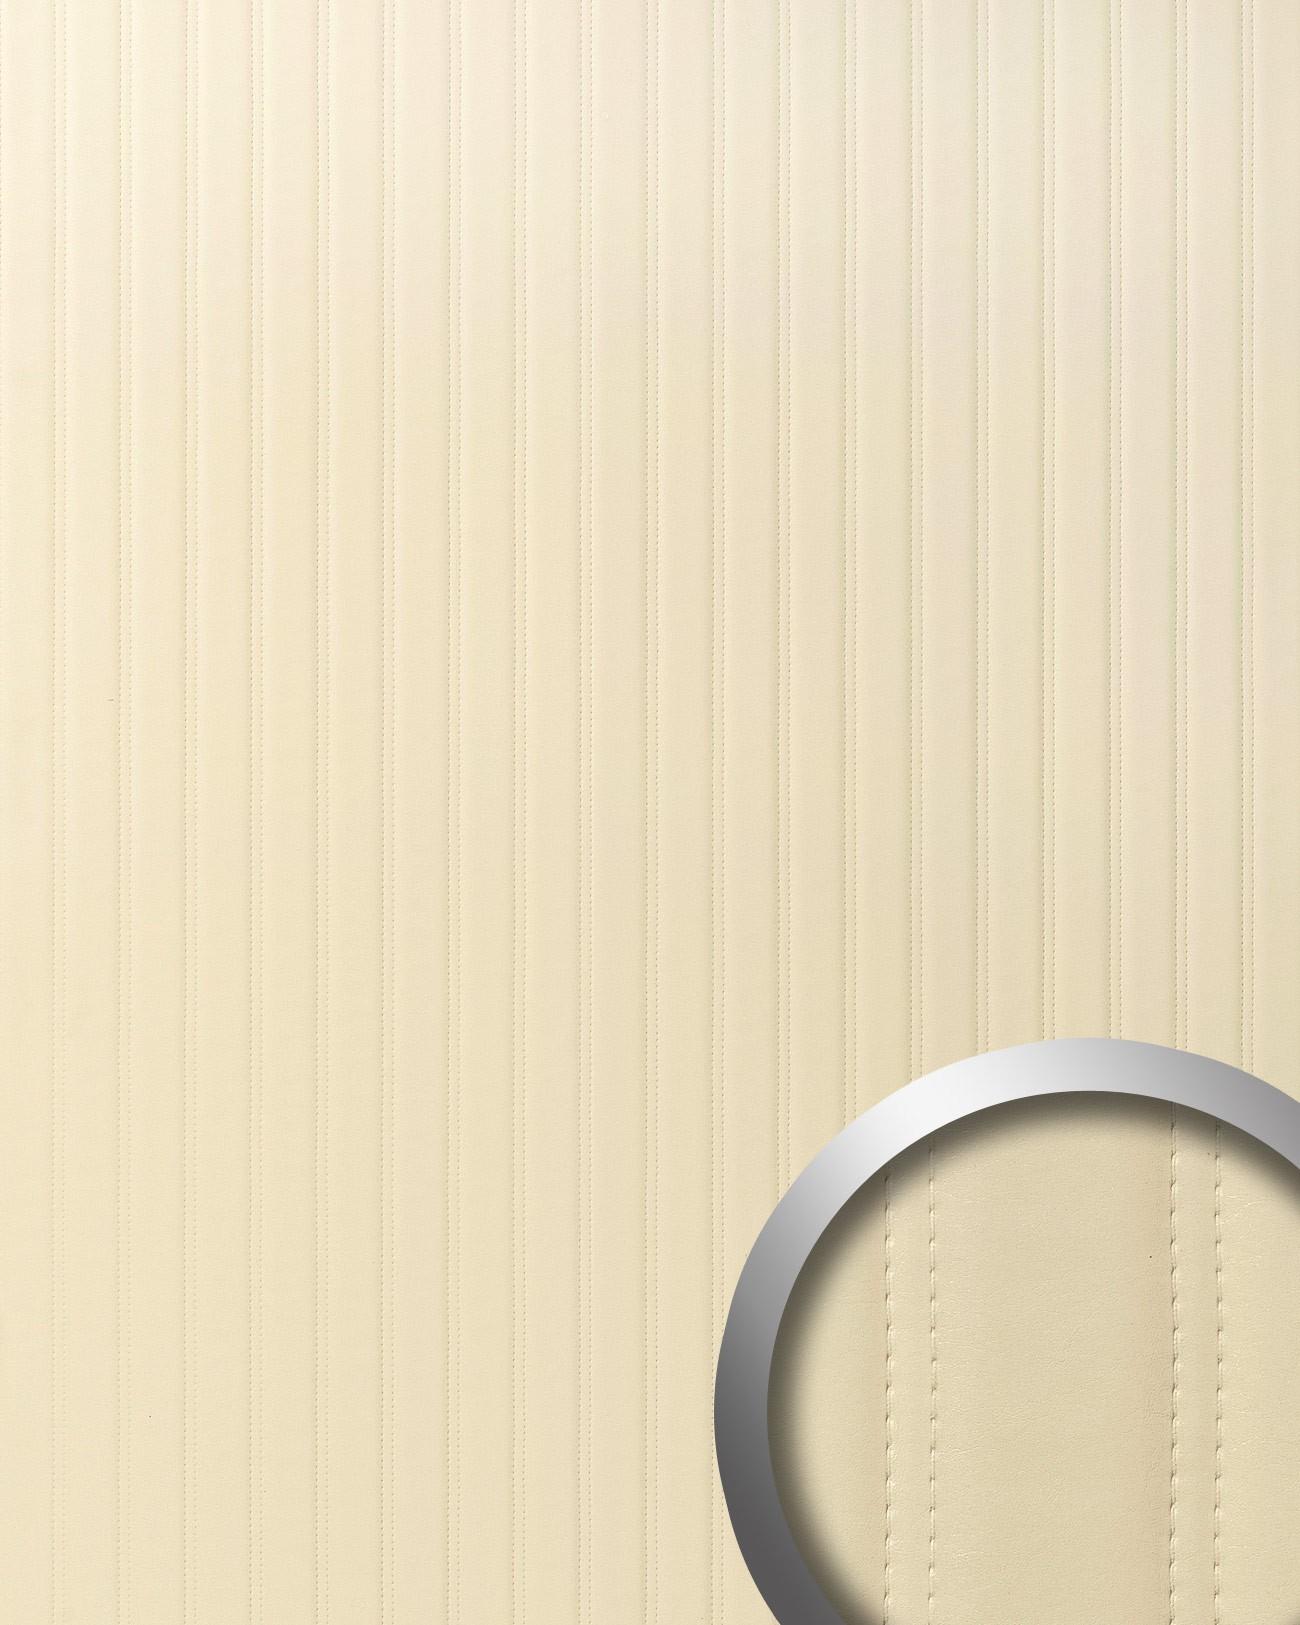 Wandpaneel gecapitonneerd leer strepen design muurpaneel wallface 18602 lounge wandbekleding - Muurpaneel gevuld ...